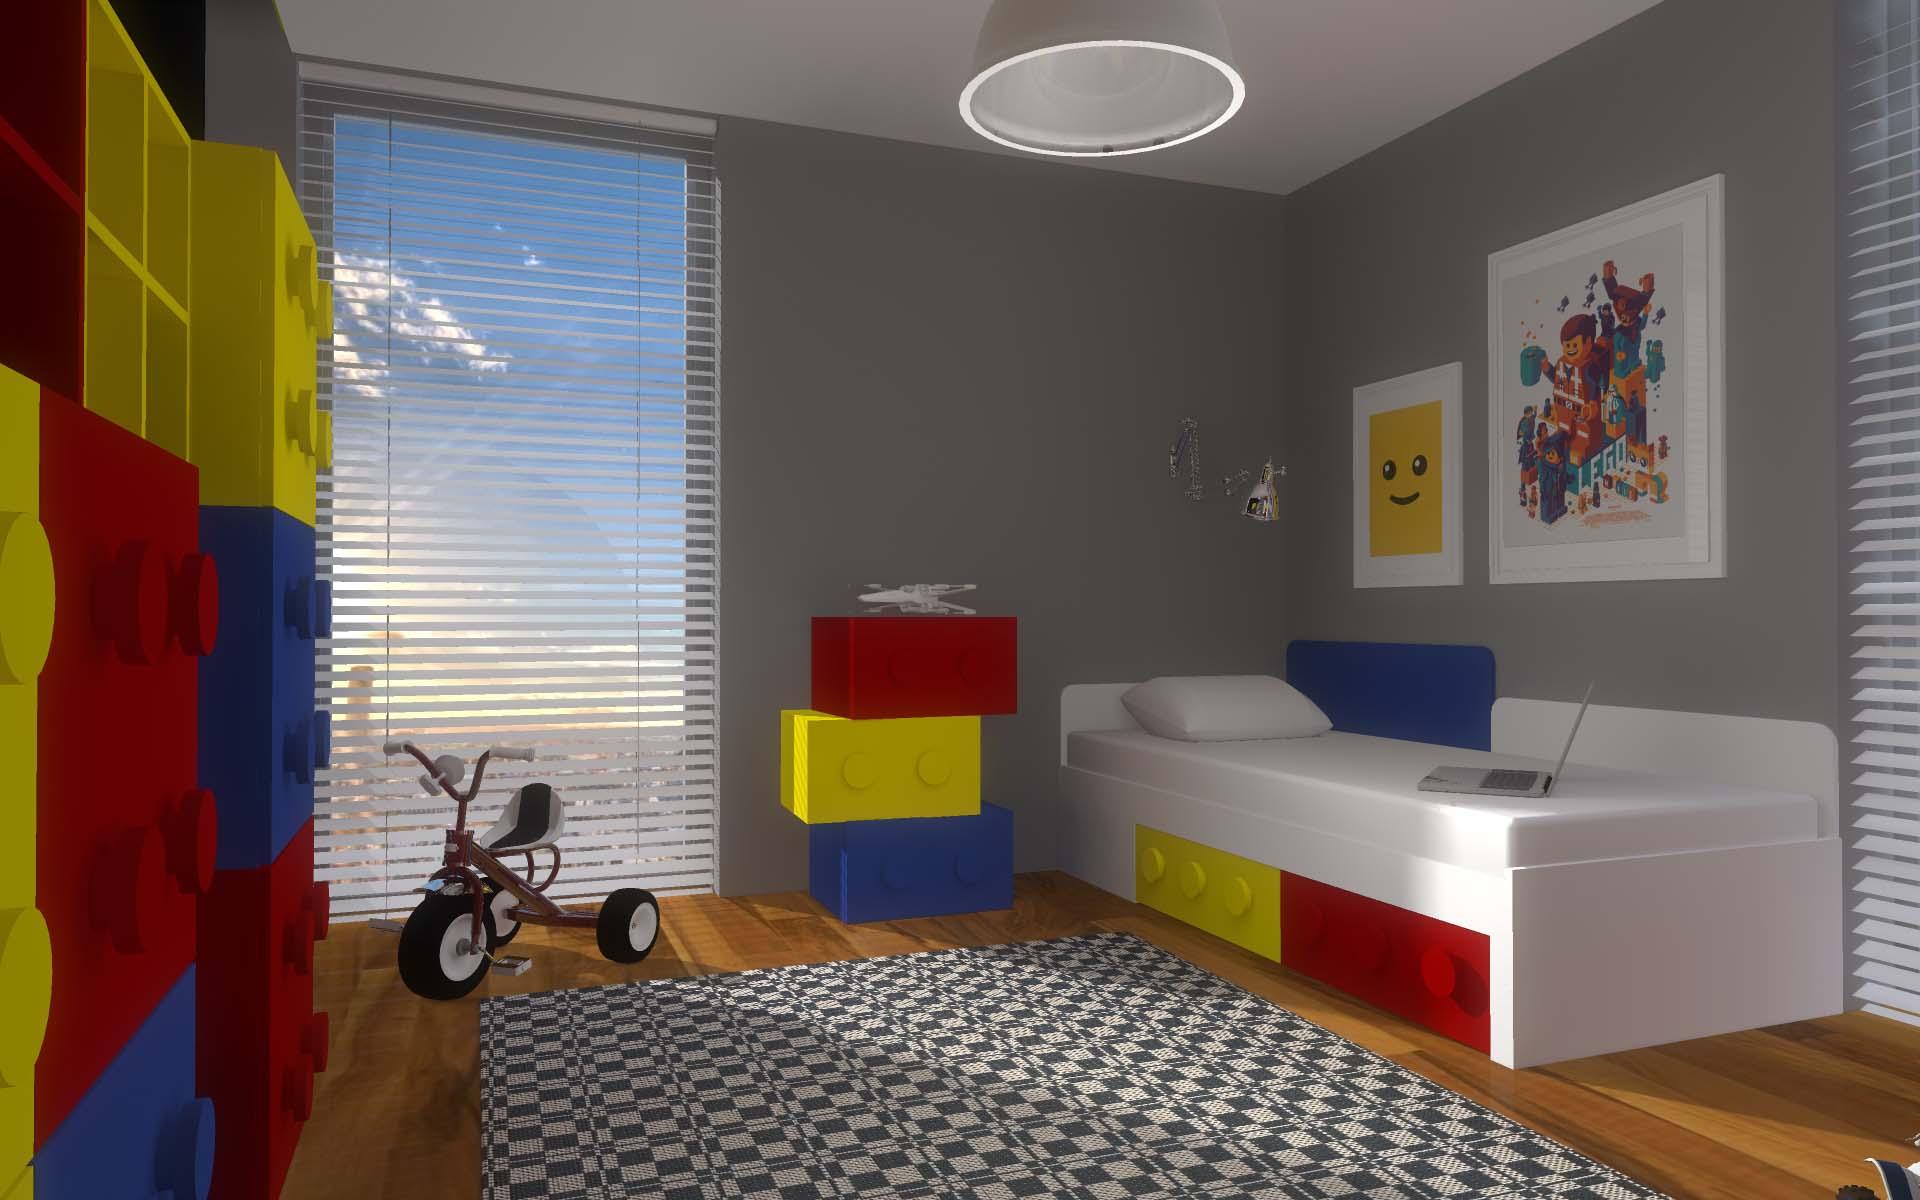 Projektowanie Wnętrz Pokoju Z Meblami Z Klocków Mobiliani Design